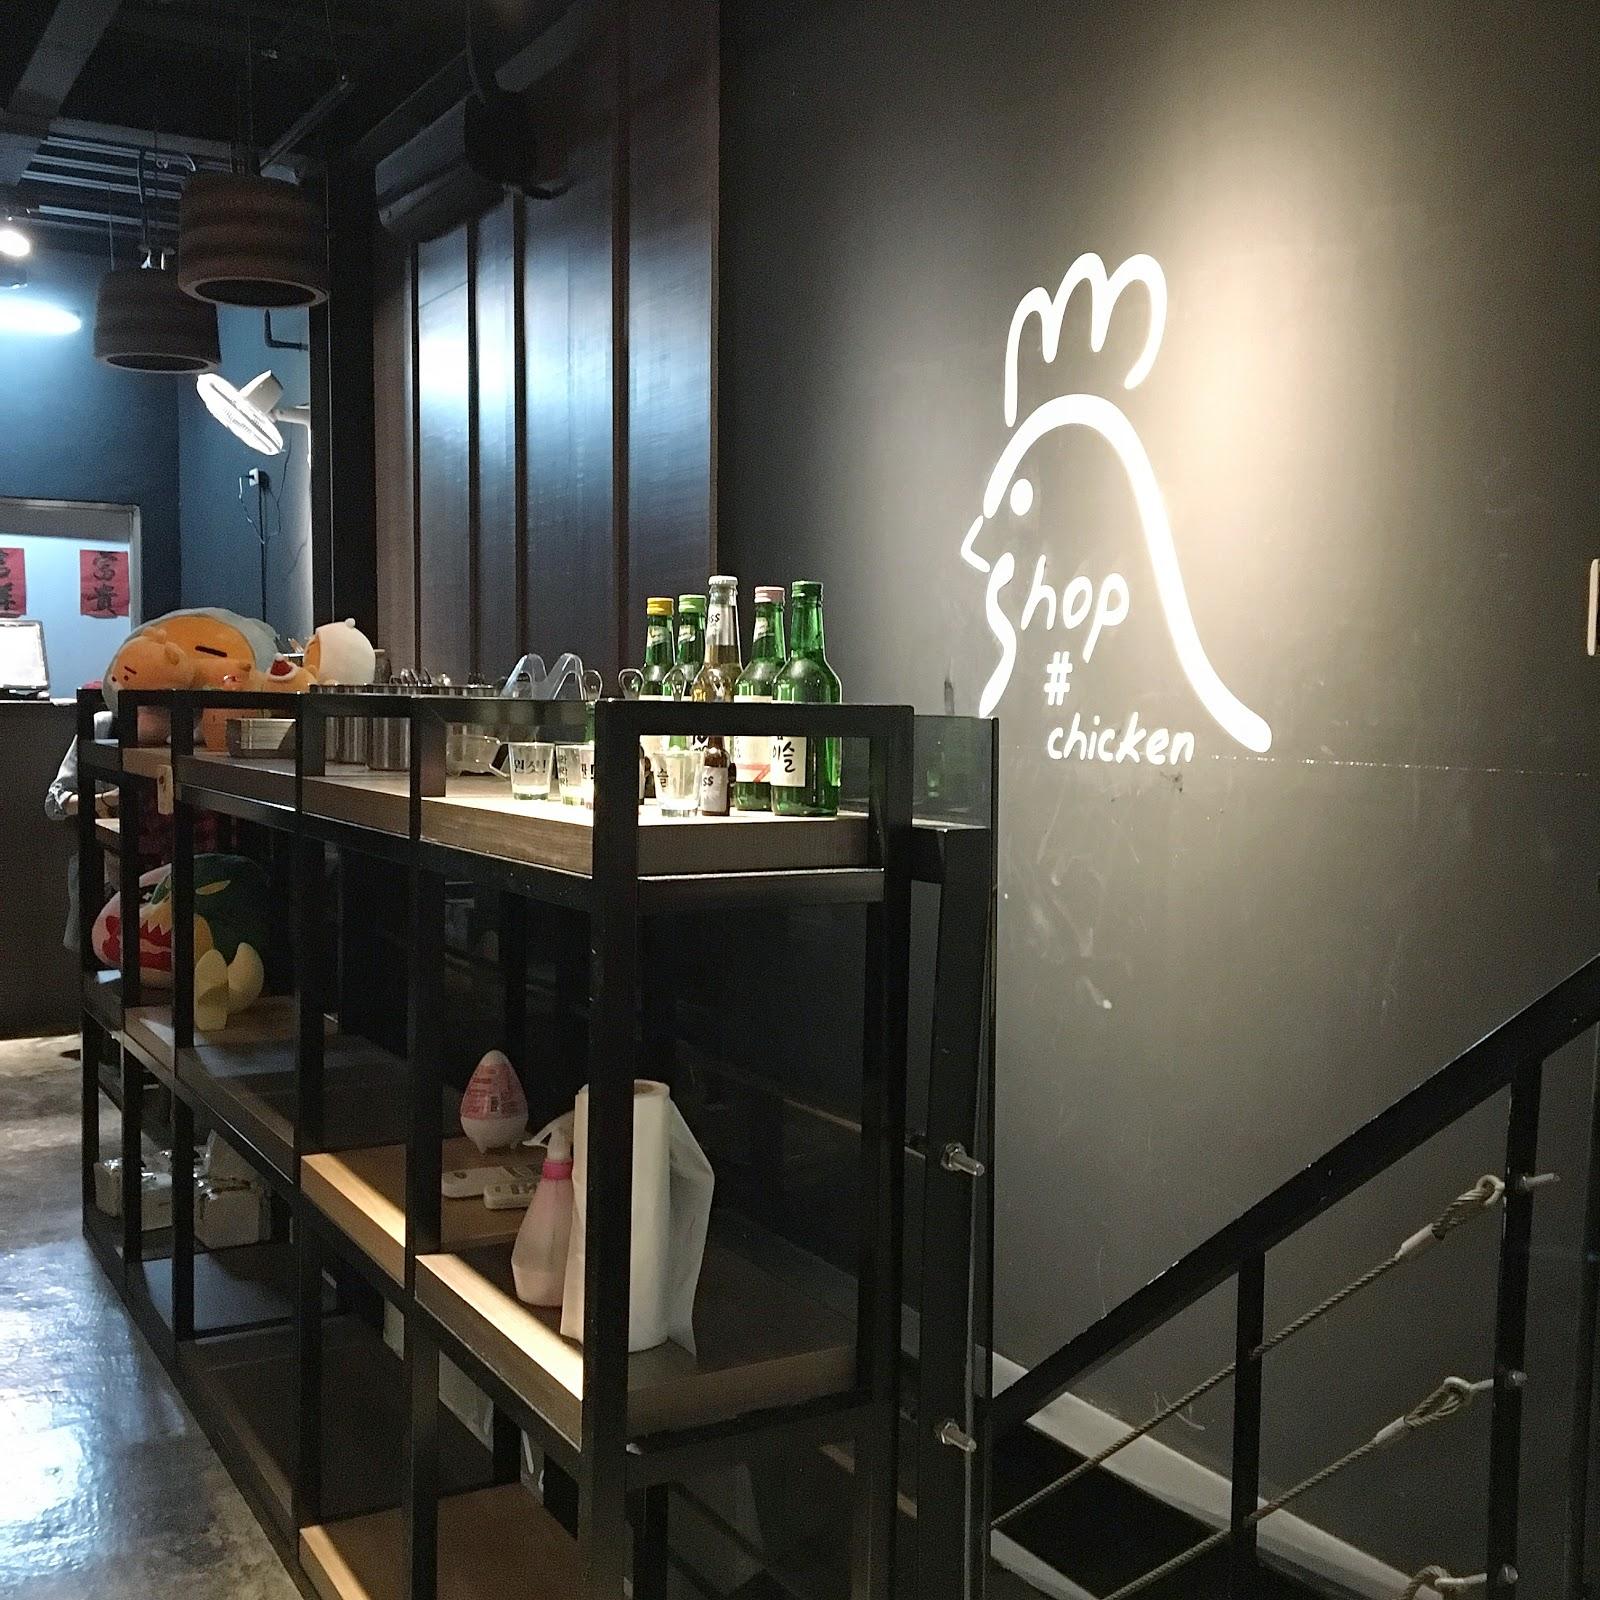 台南美食韓國炸雞專賣店店內環境